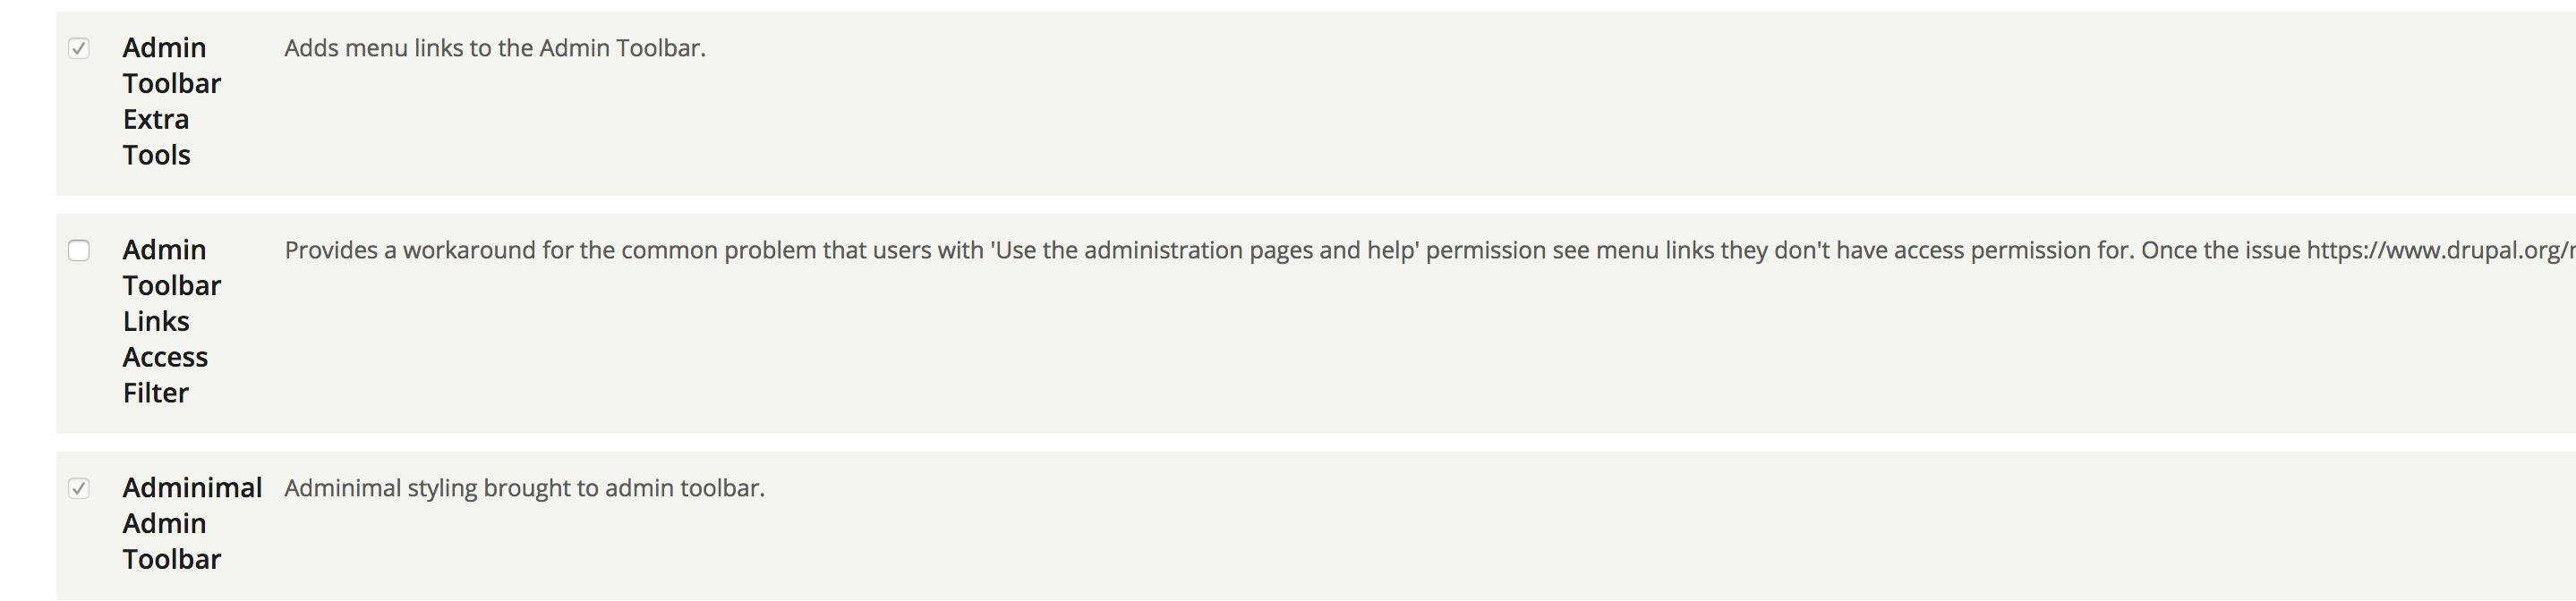 nowrap CSS makes module list description too wide [#2987803